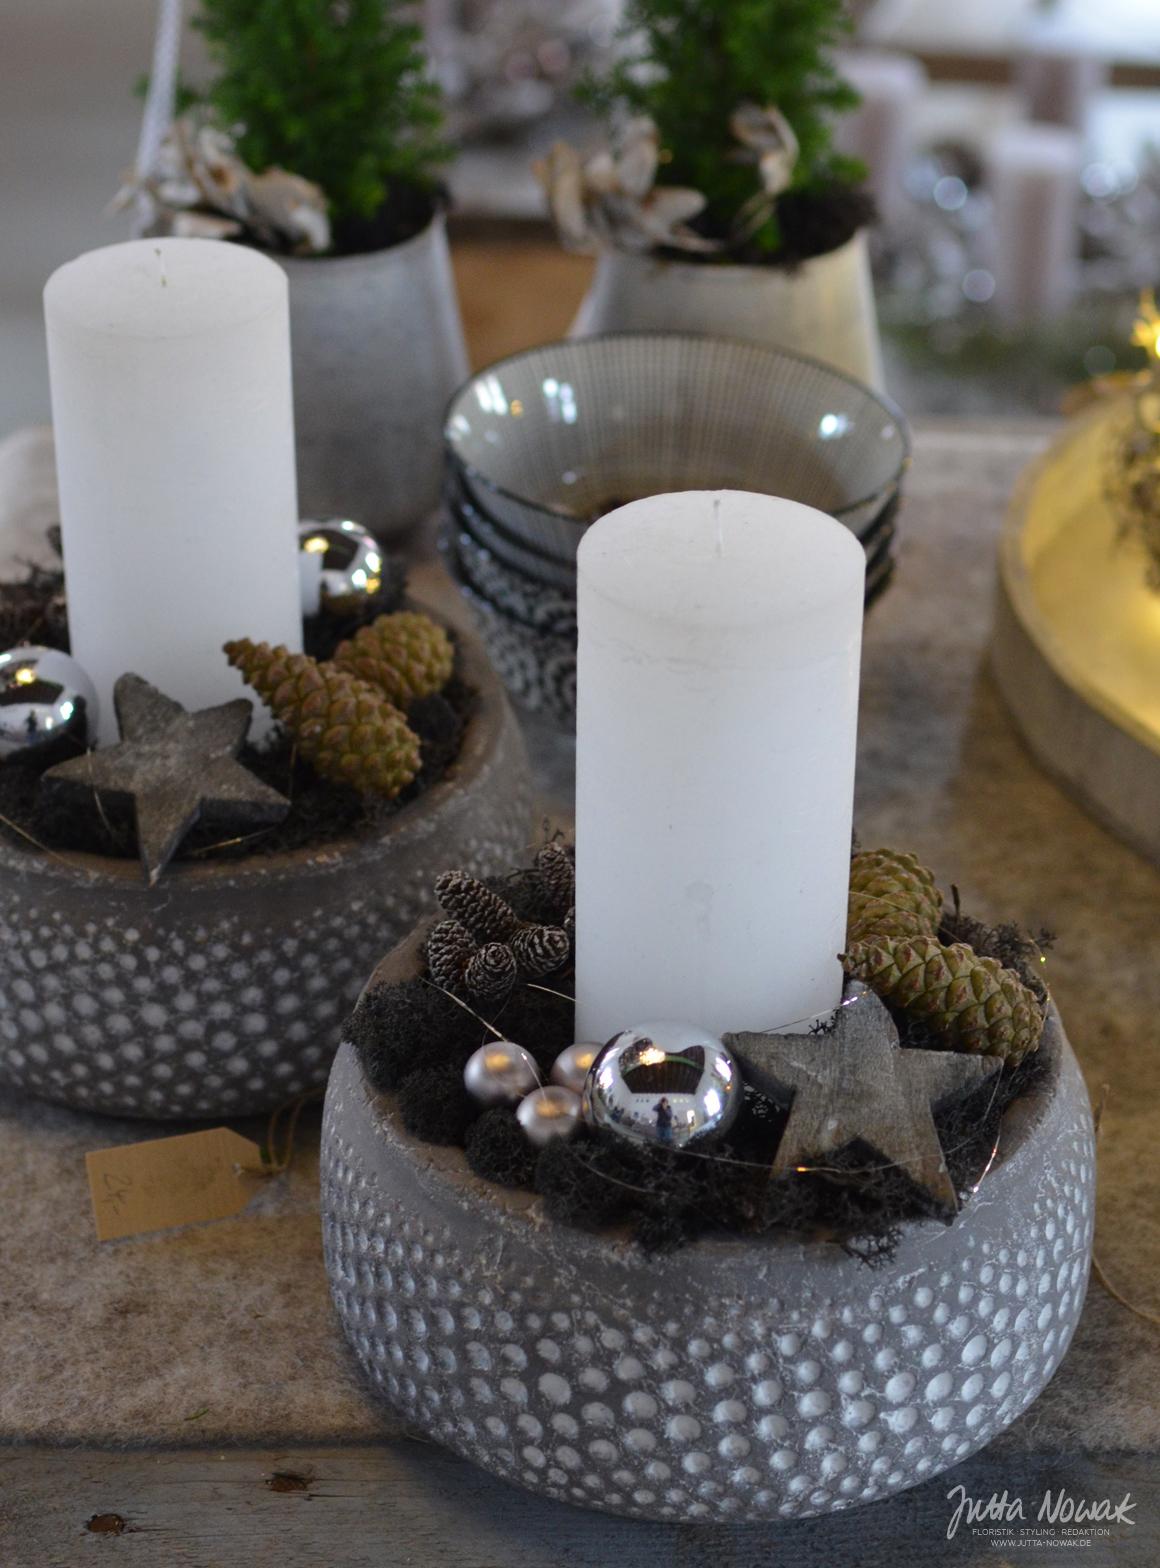 Jutta Nowak: Adventsausstellung 2015, Kerzengesteck in Schwarz, Weiß und Grau